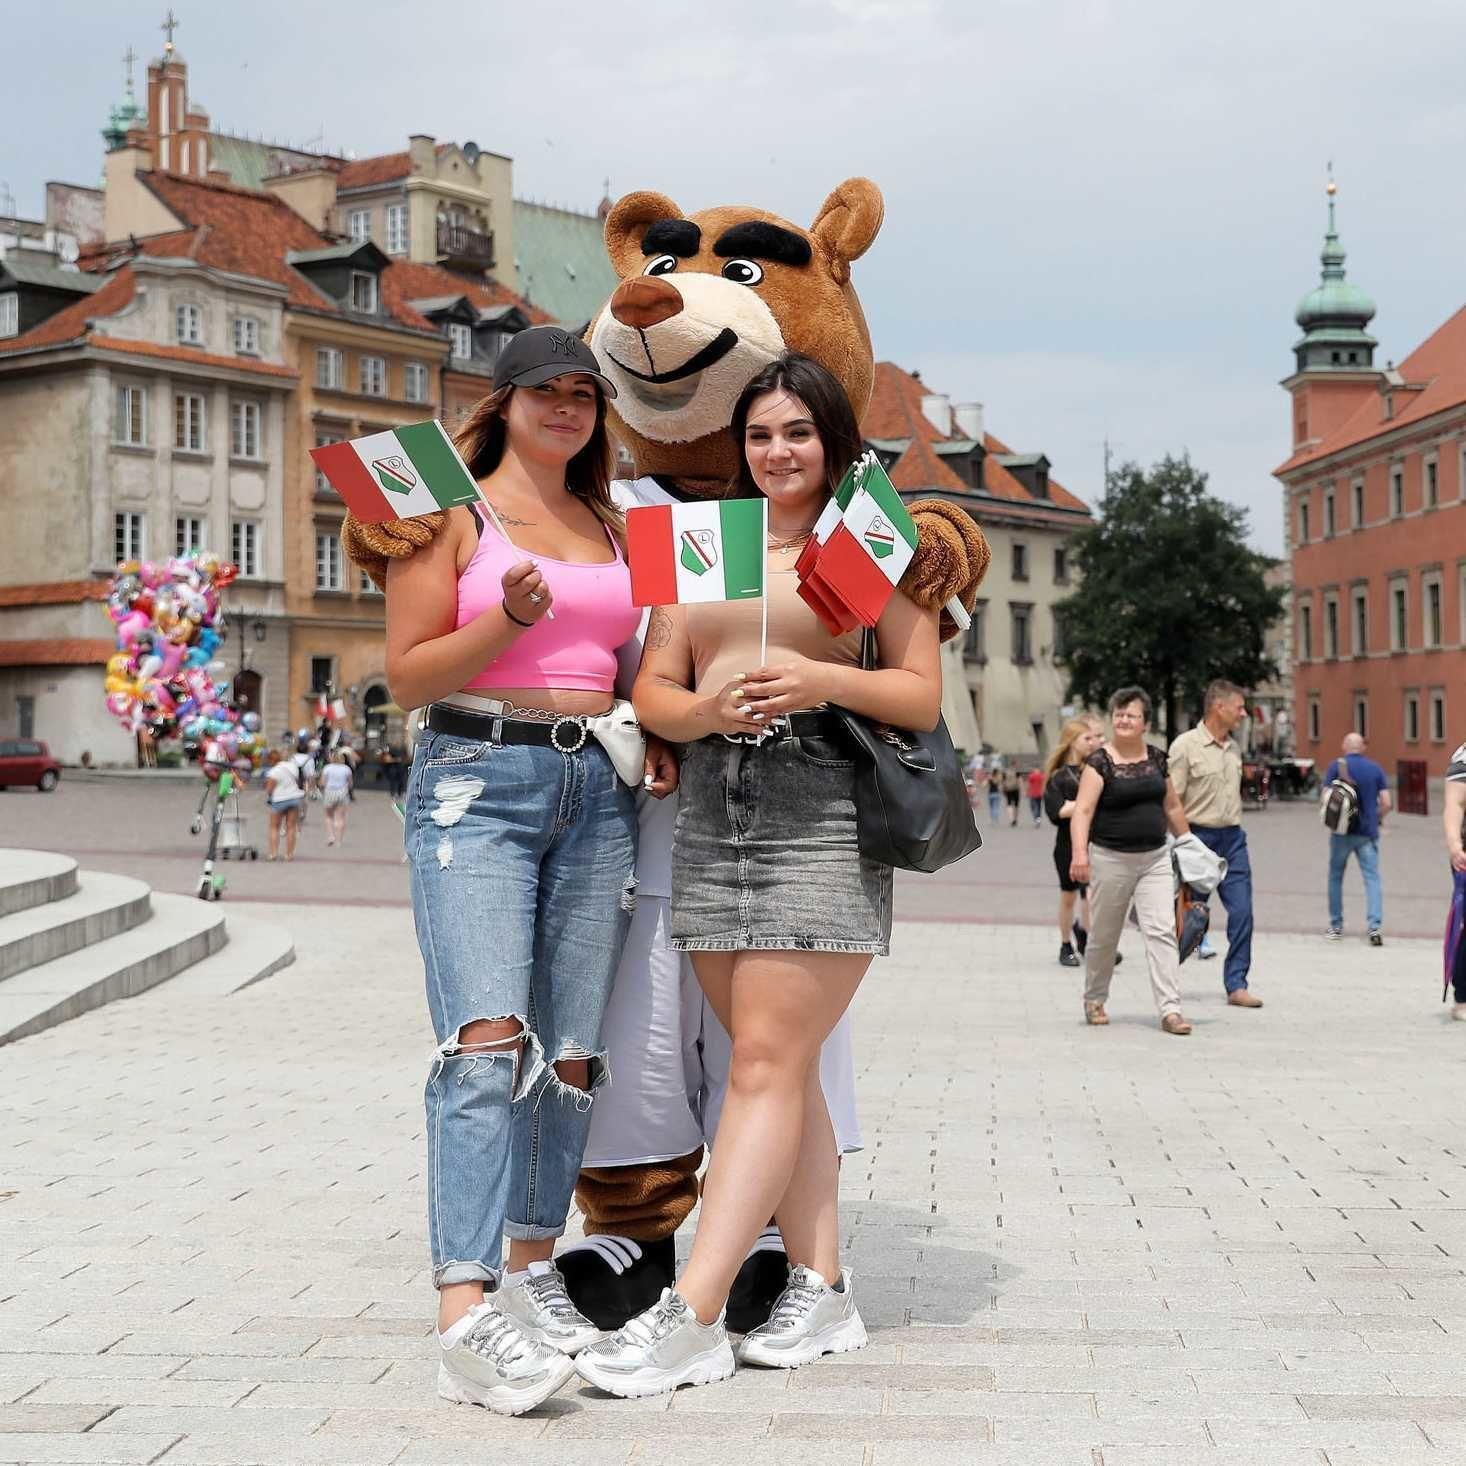 Ruszyliśmy w miasto - Dzień Barwowy w Warszawie! [WIDEO]